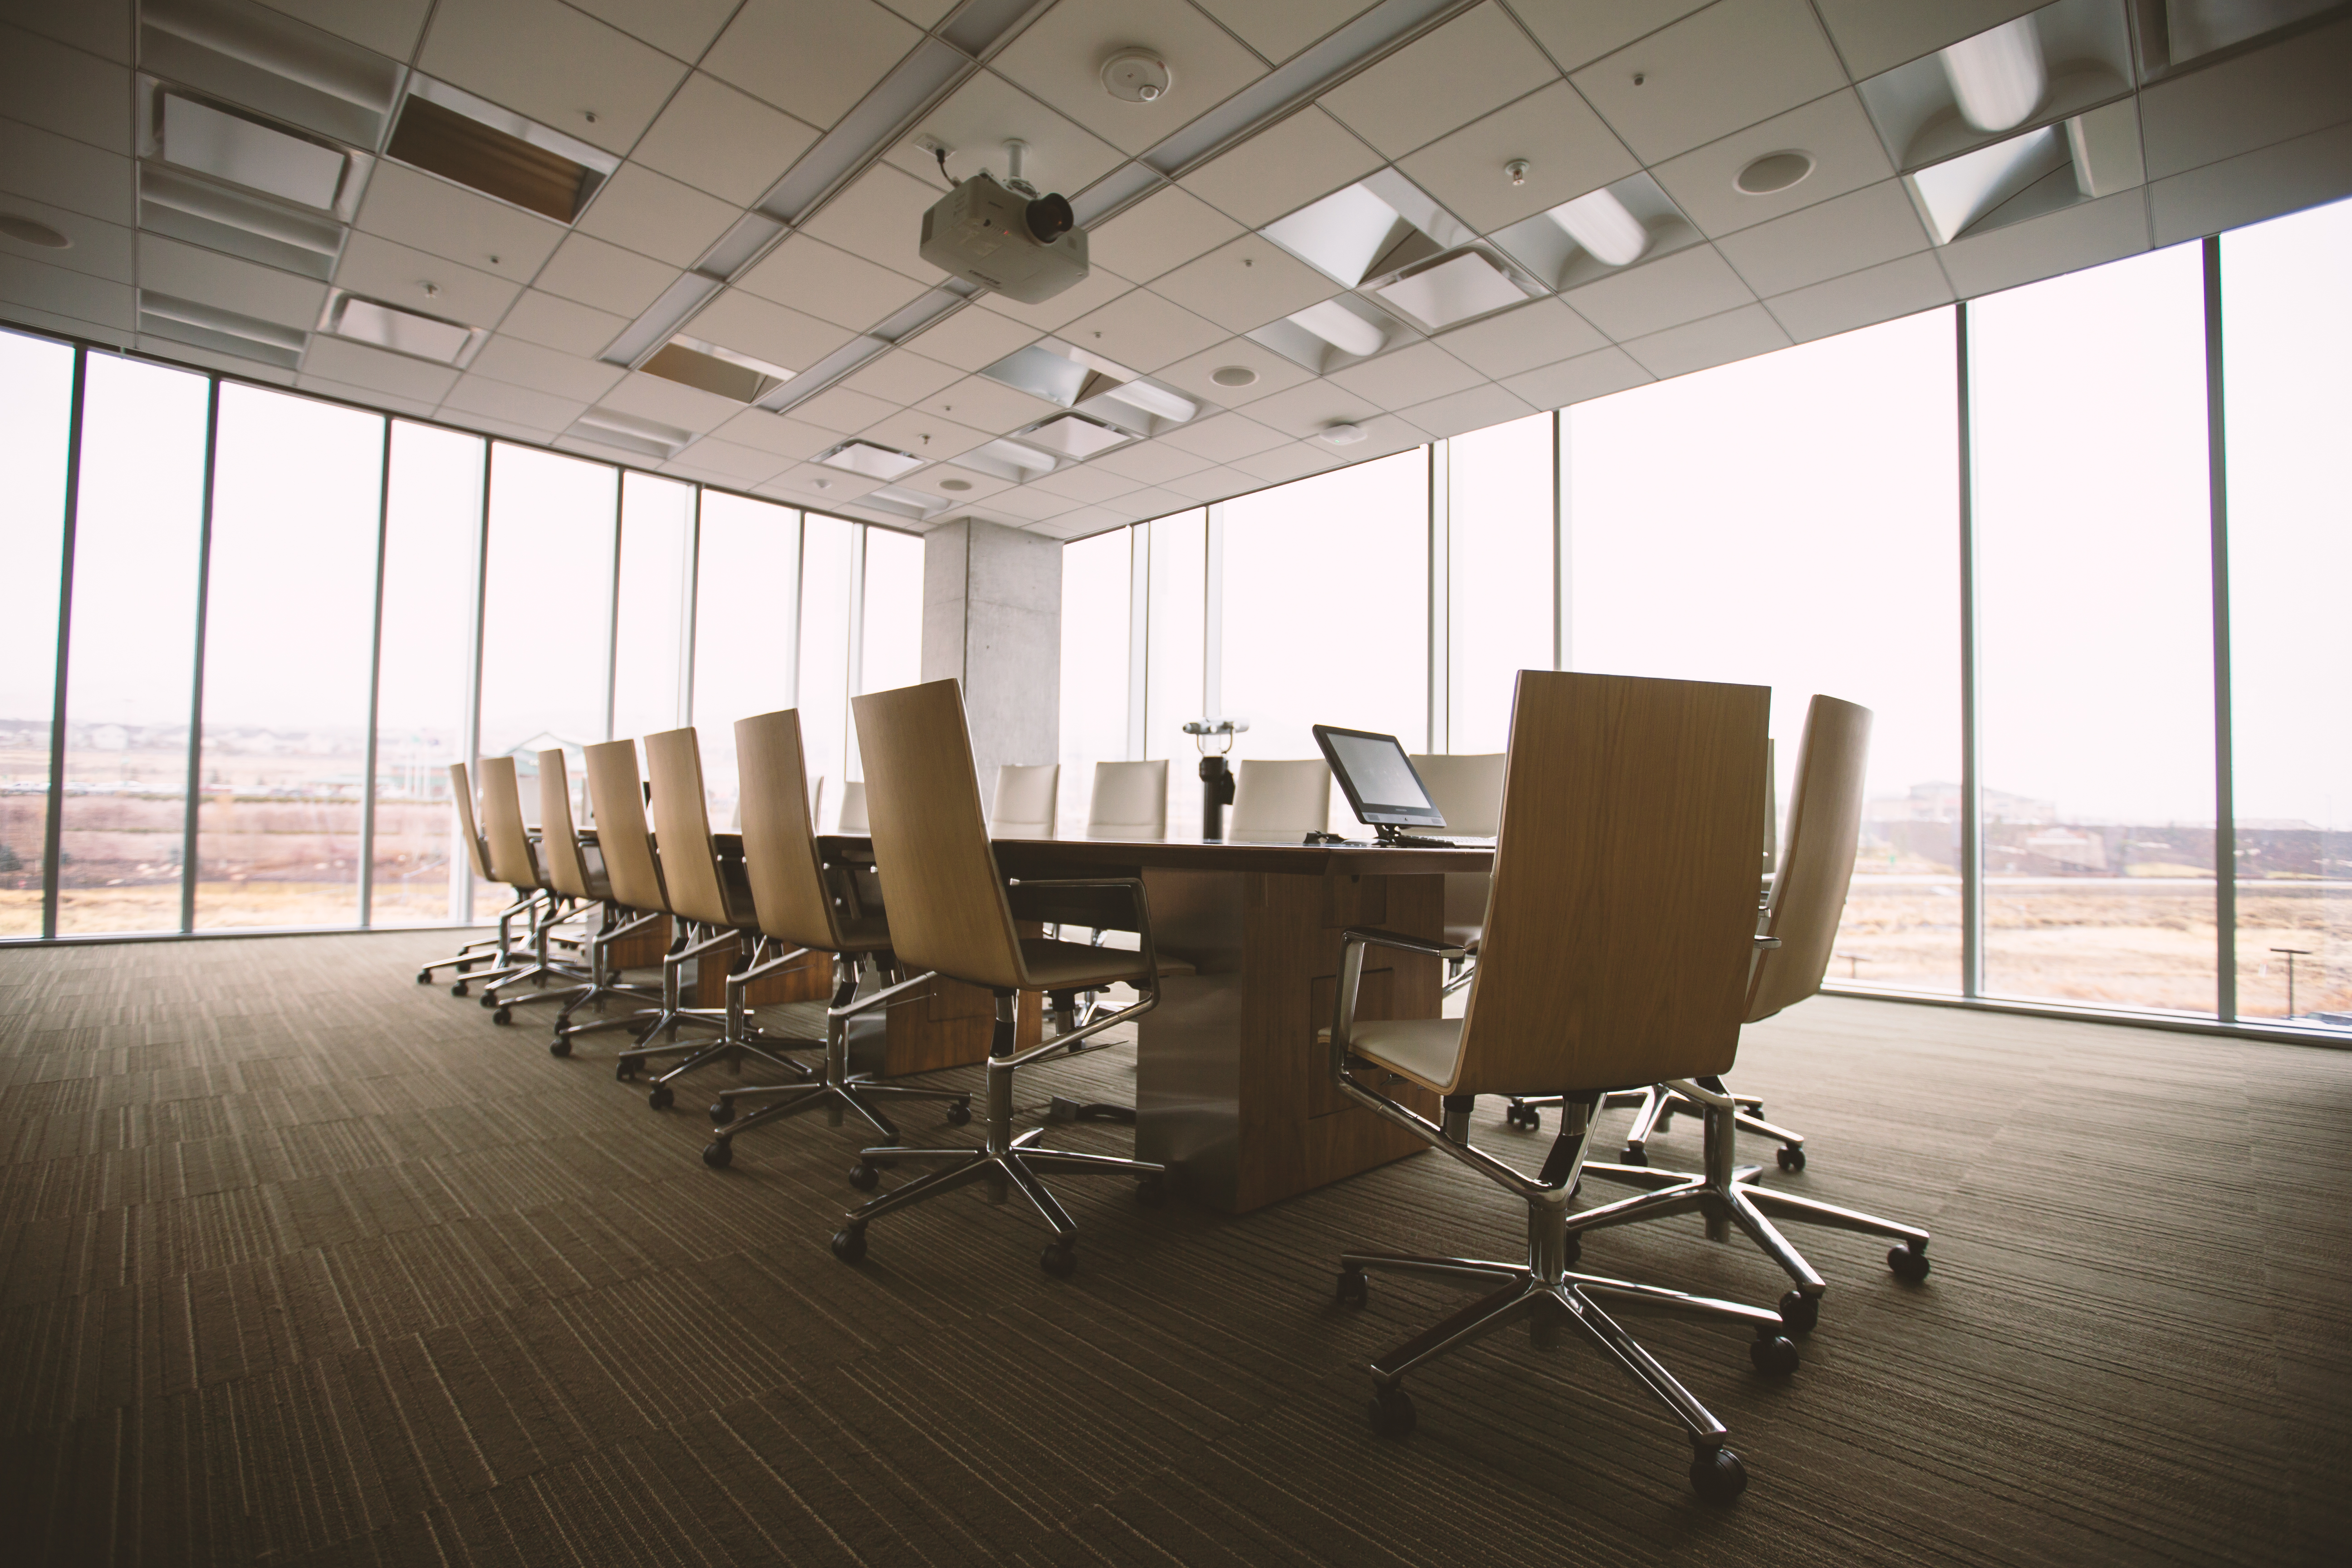 楽々に良いアイデアを生み出しスタッフとの関係性も良くなる会議の方法